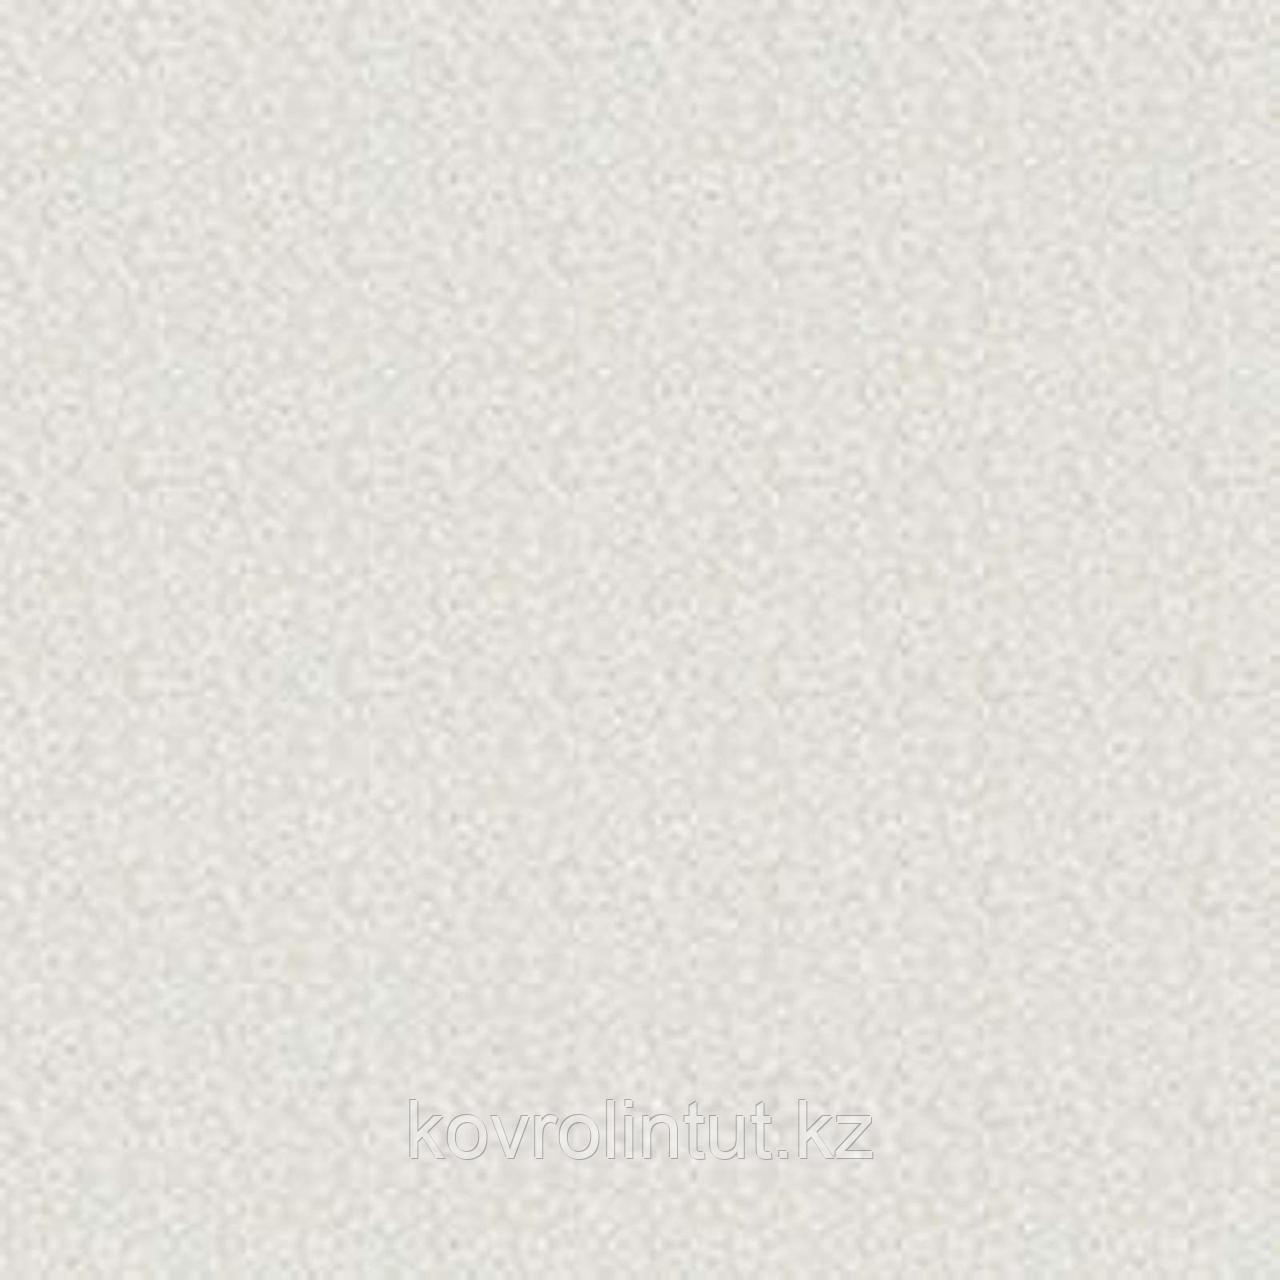 Линолеум бытовой усиленный Status Tepper 1 2,5 м